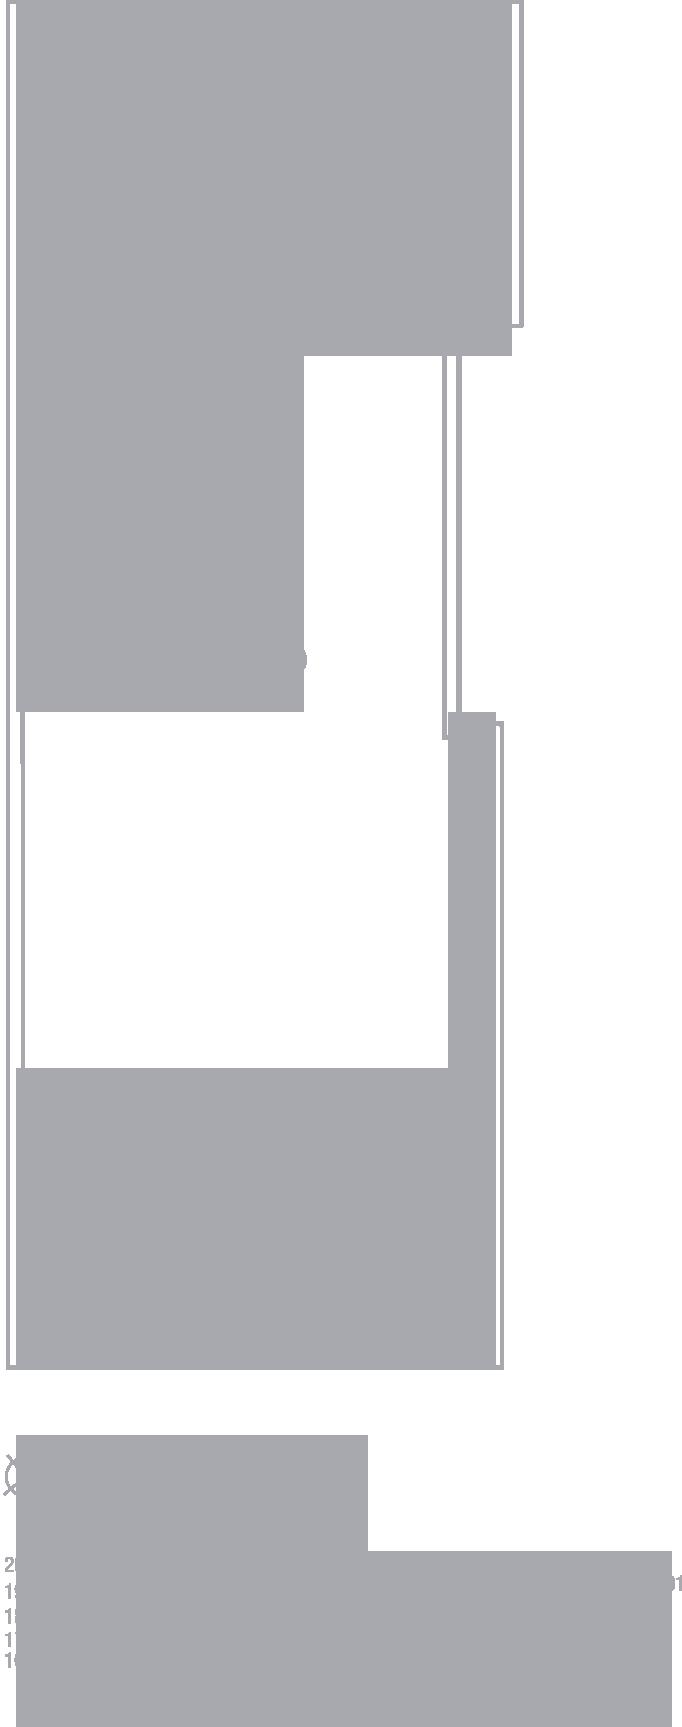 Type S13 Shop Floor Plan